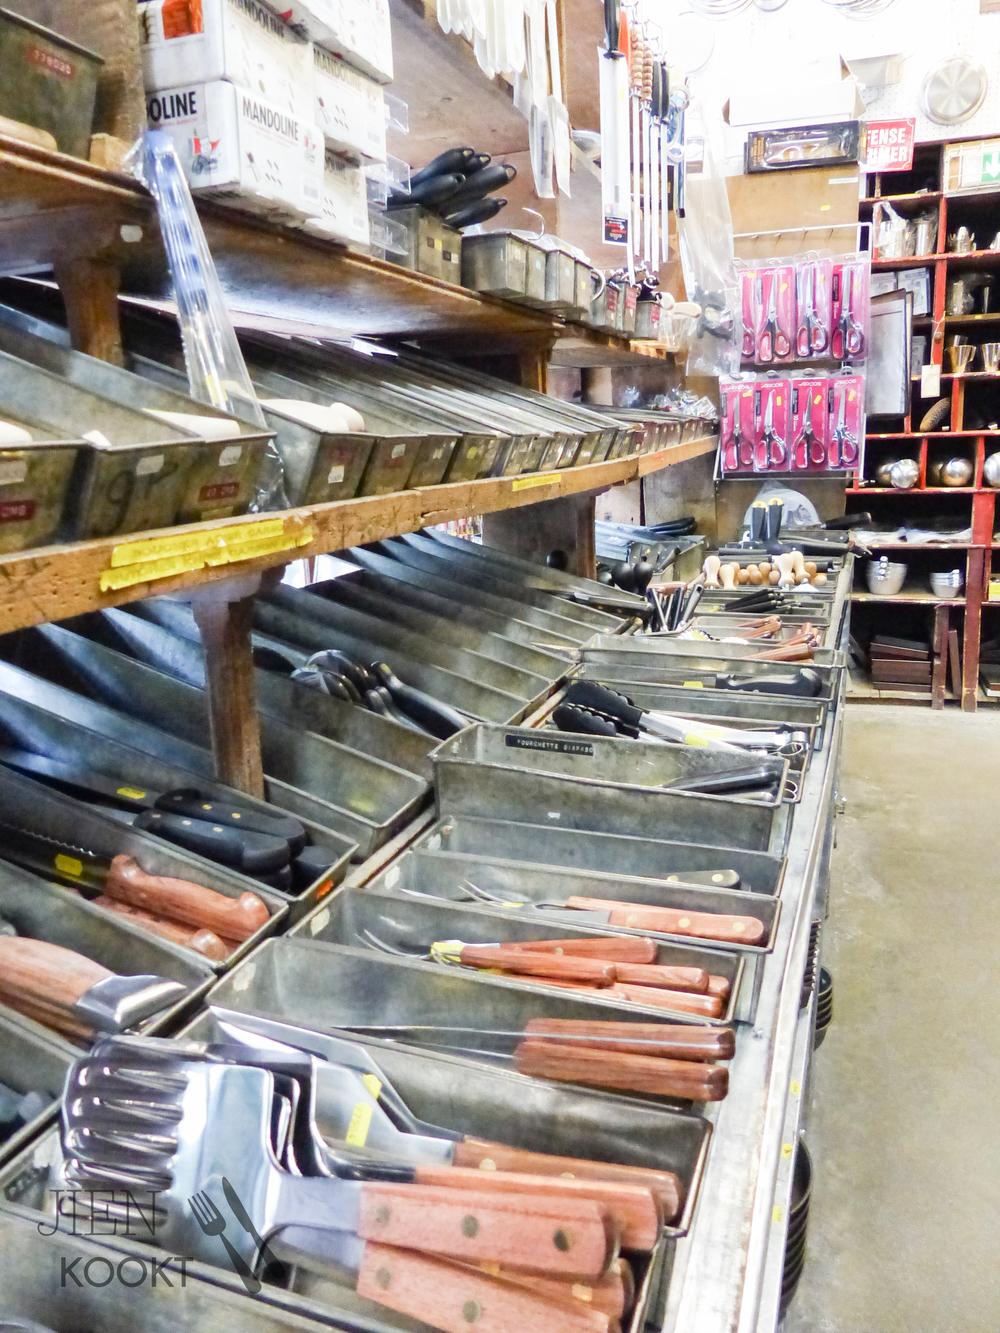 In dé kookwinkel voor koks, E. Dehillerin, vind je voor elke klus een ander mes, spatel of vorm. Een gave plek om je ogen uit te kijken!